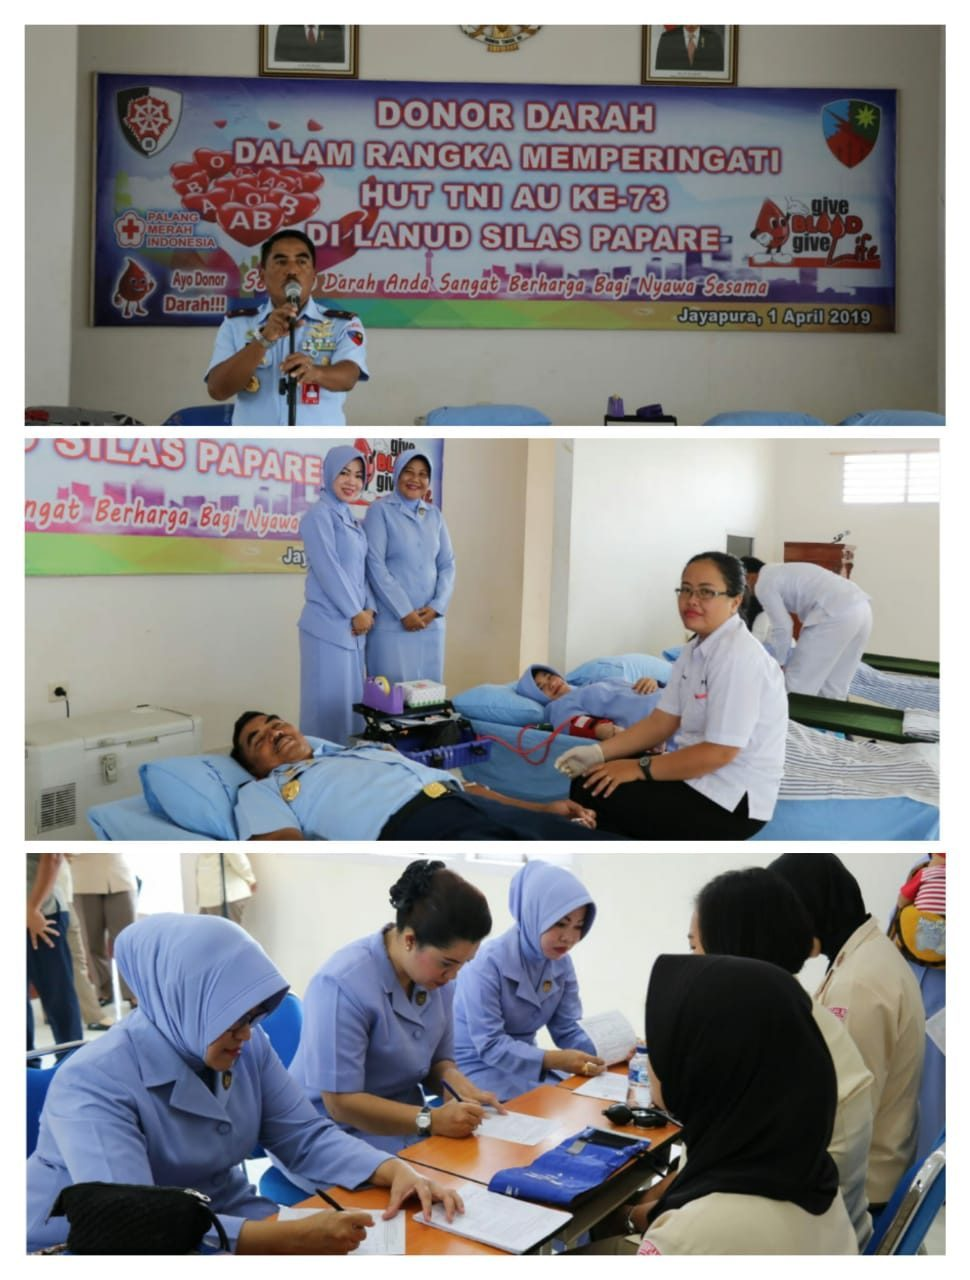 Peringati HUT TNI AU Ke-73 Lanud Silas PapareLaksanakan Donor Darah